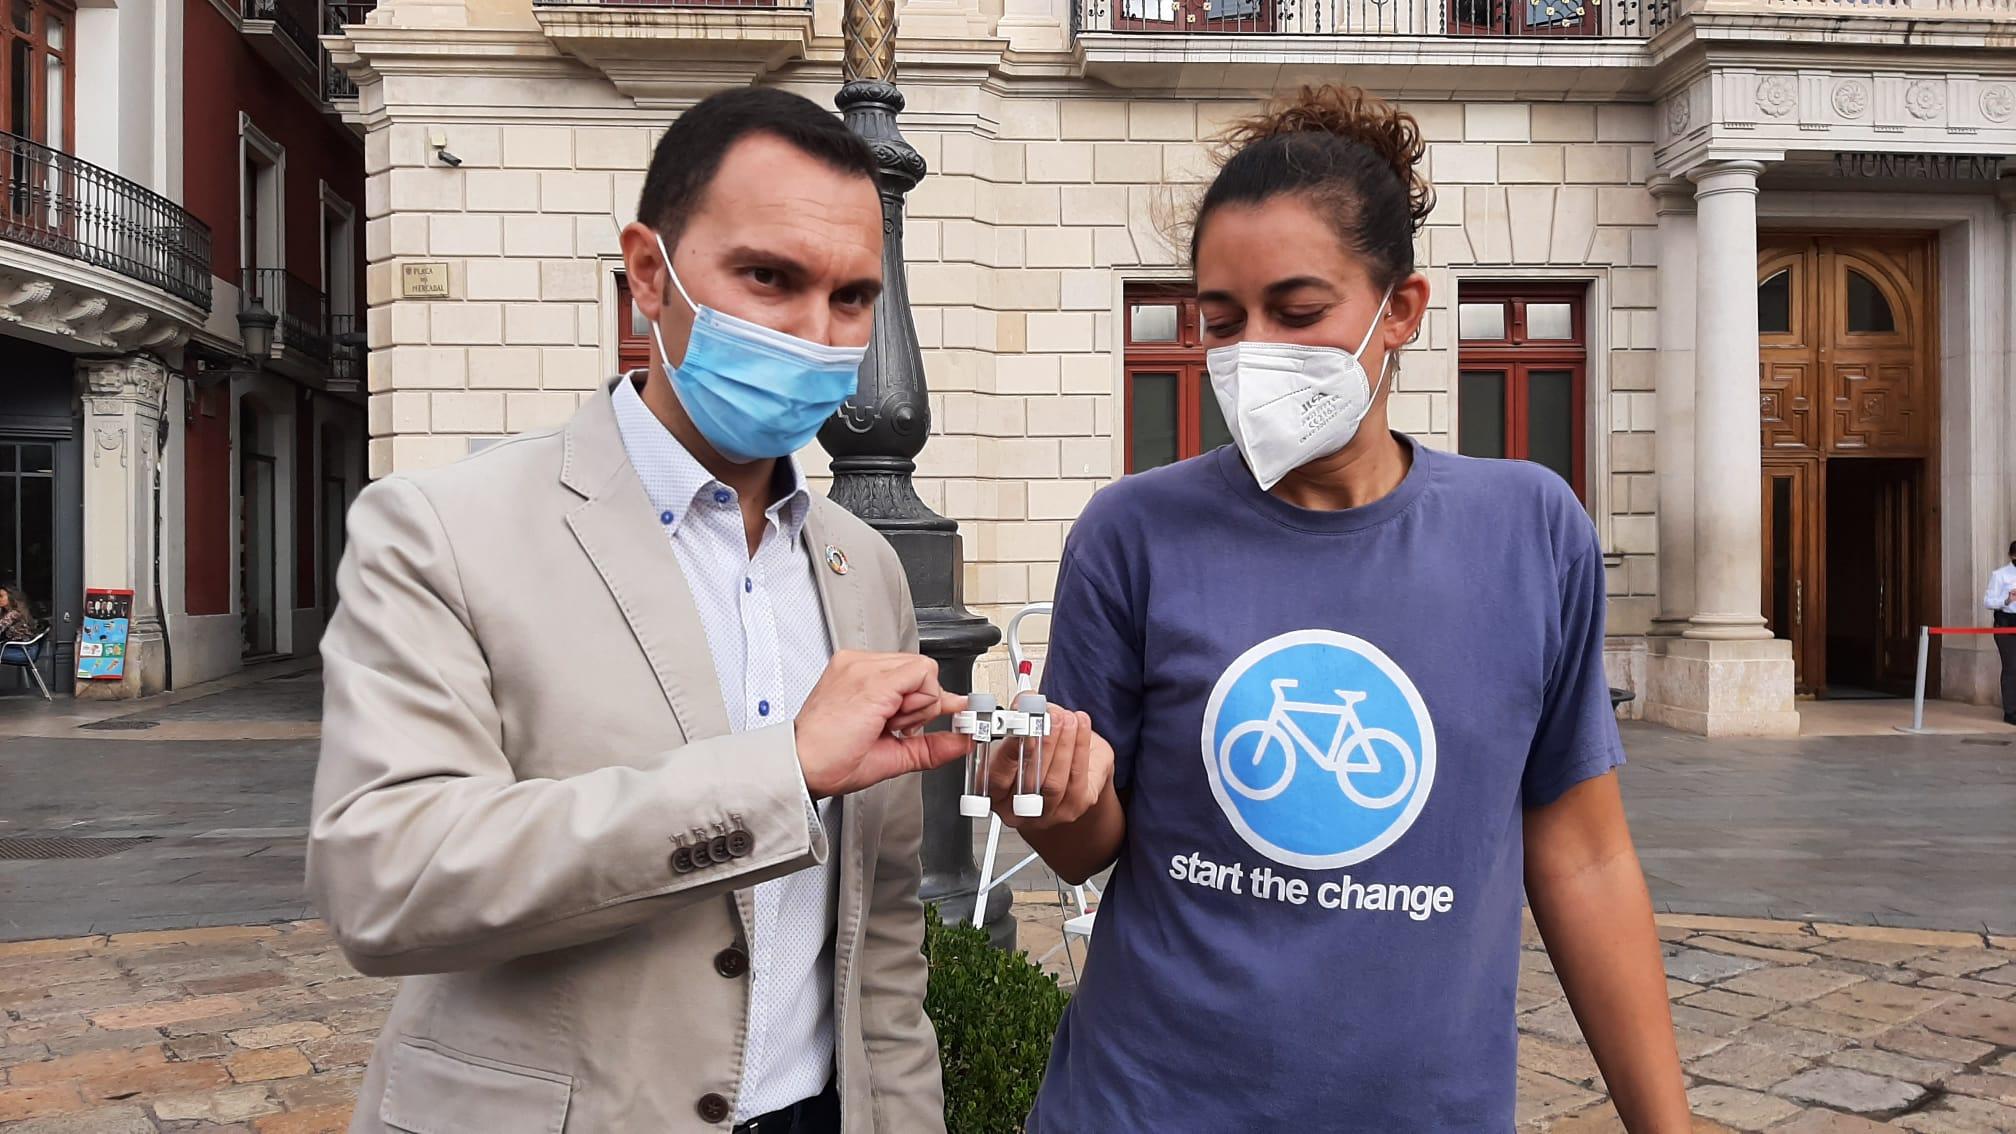 La regidoria de Medi Ambient de l'Ajuntament de Reus realitzarà les properes quatre setmanes un estudi de la qualitat de l'aire amb la...